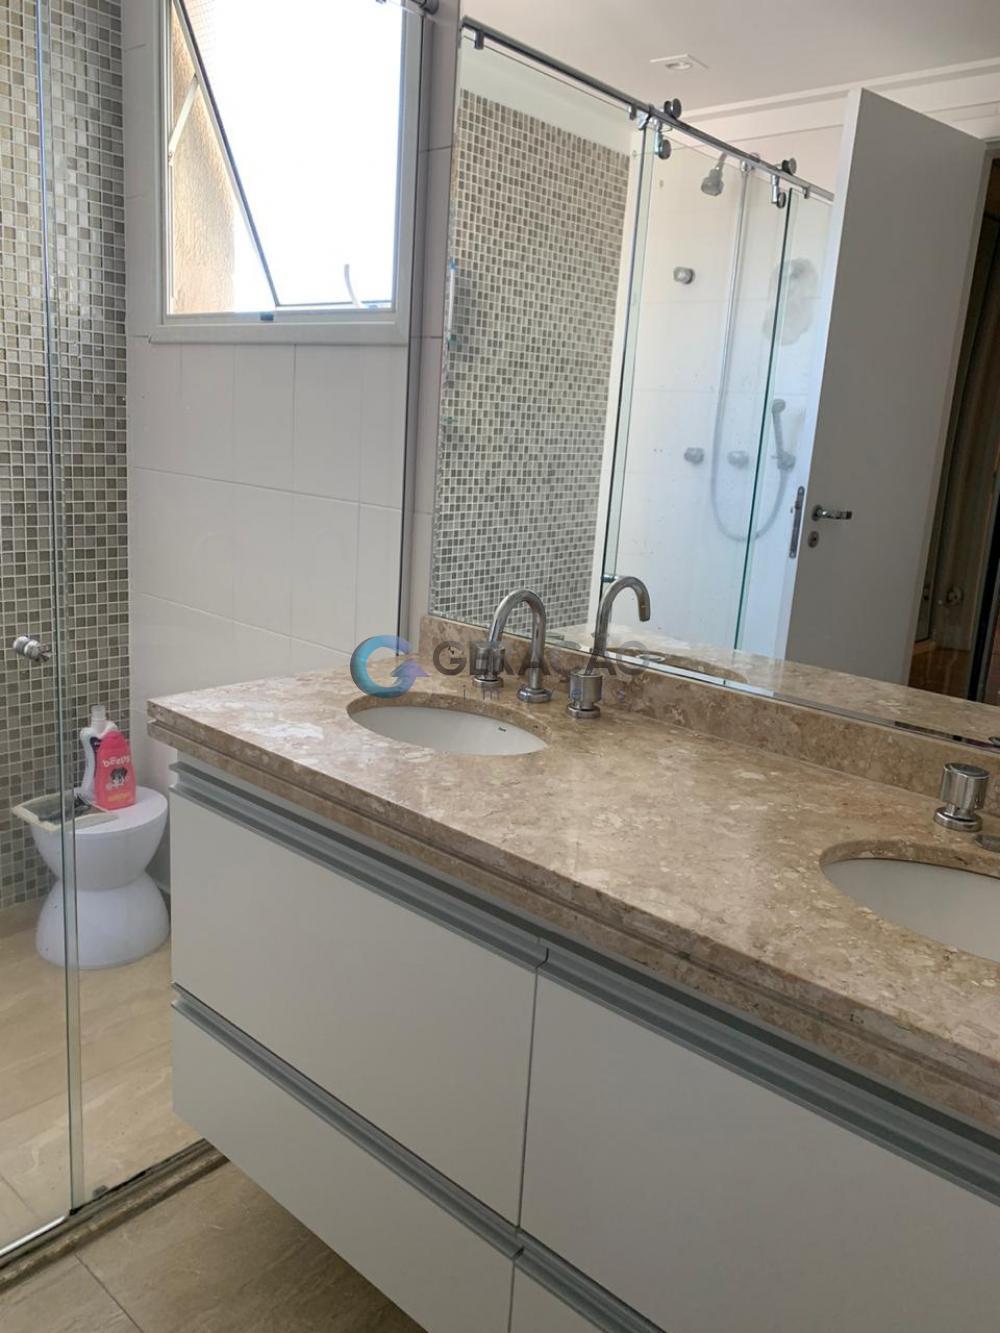 Comprar Apartamento / Padrão em São José dos Campos apenas R$ 1.500.000,00 - Foto 13